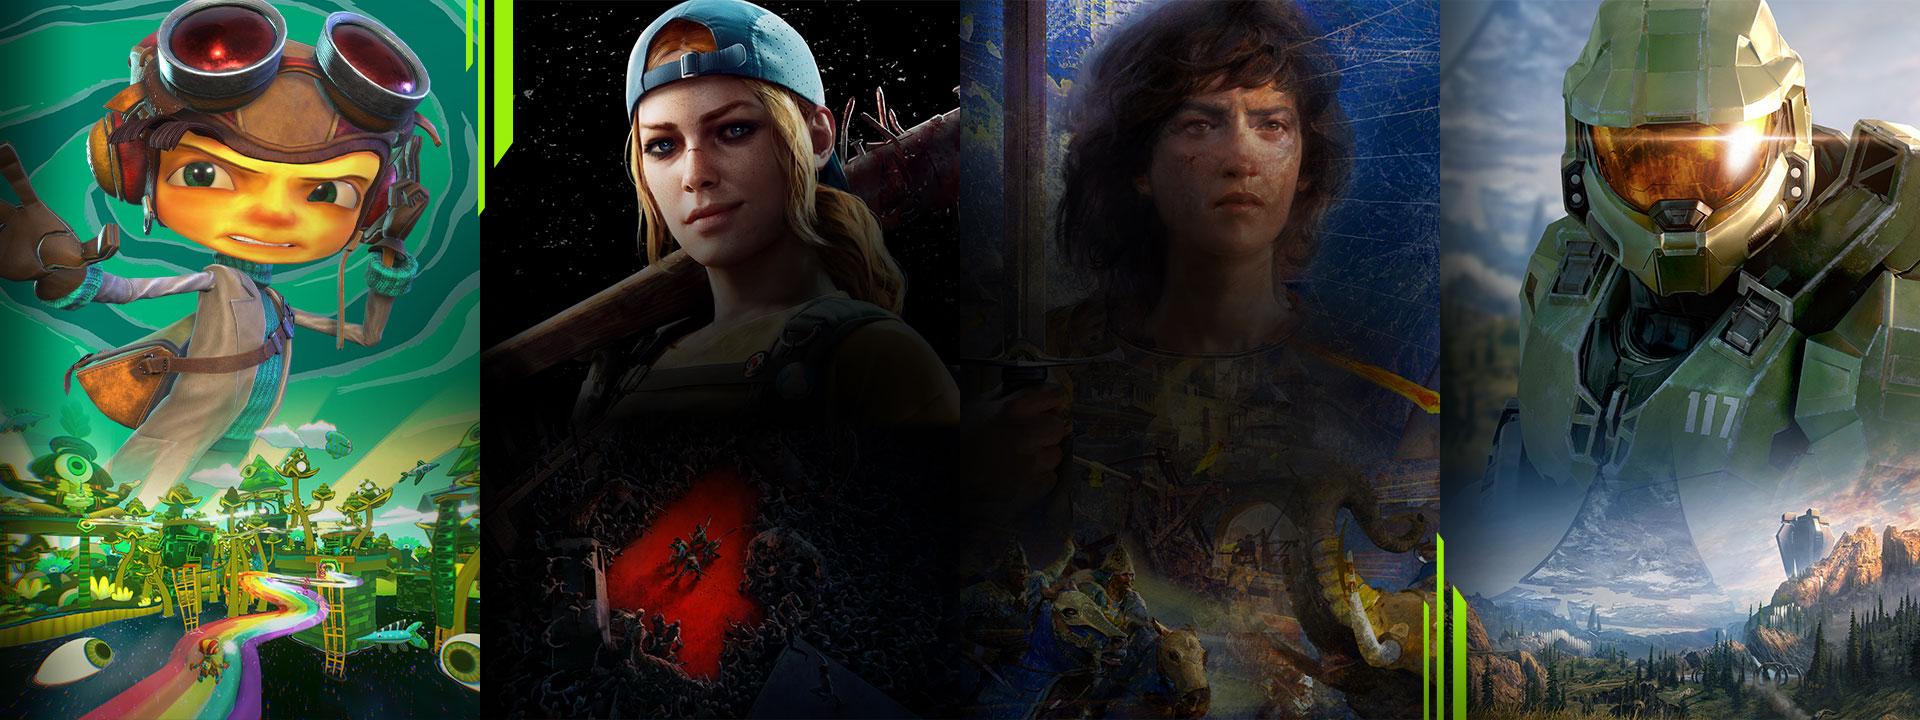 可透過 Xbox Game Pass 遊玩的一系列遊戲,包括 Psychonauts 2、Back 4 Blood、Age of Empires 4 和 Halo Infinite。